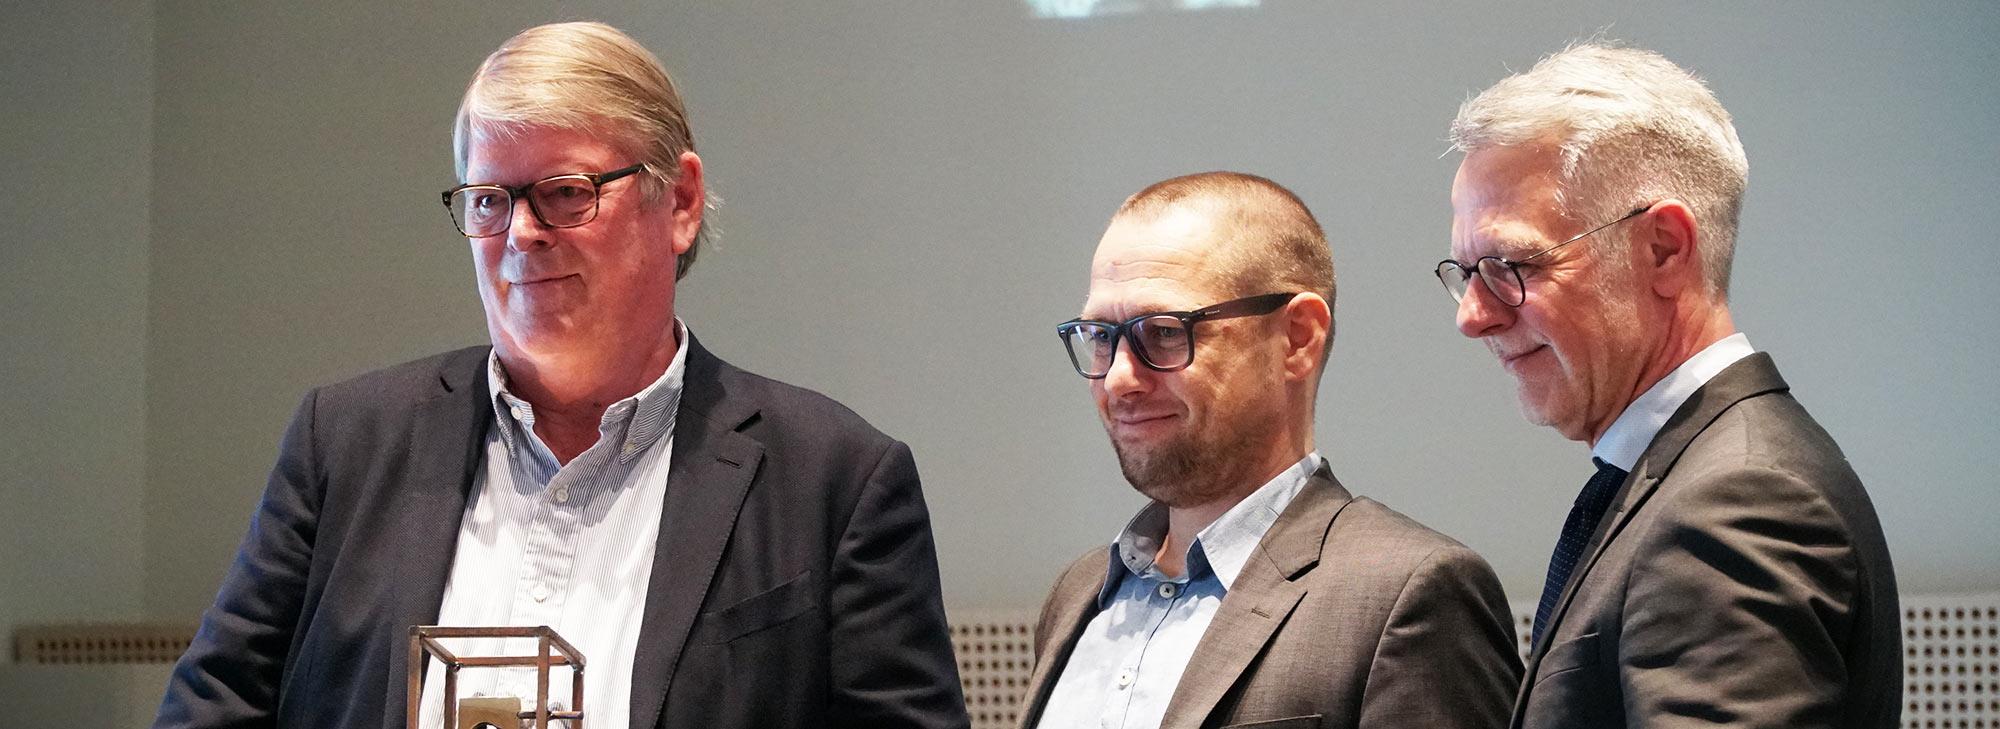 Bryghus-vendia-vinder-initiativpris-2017